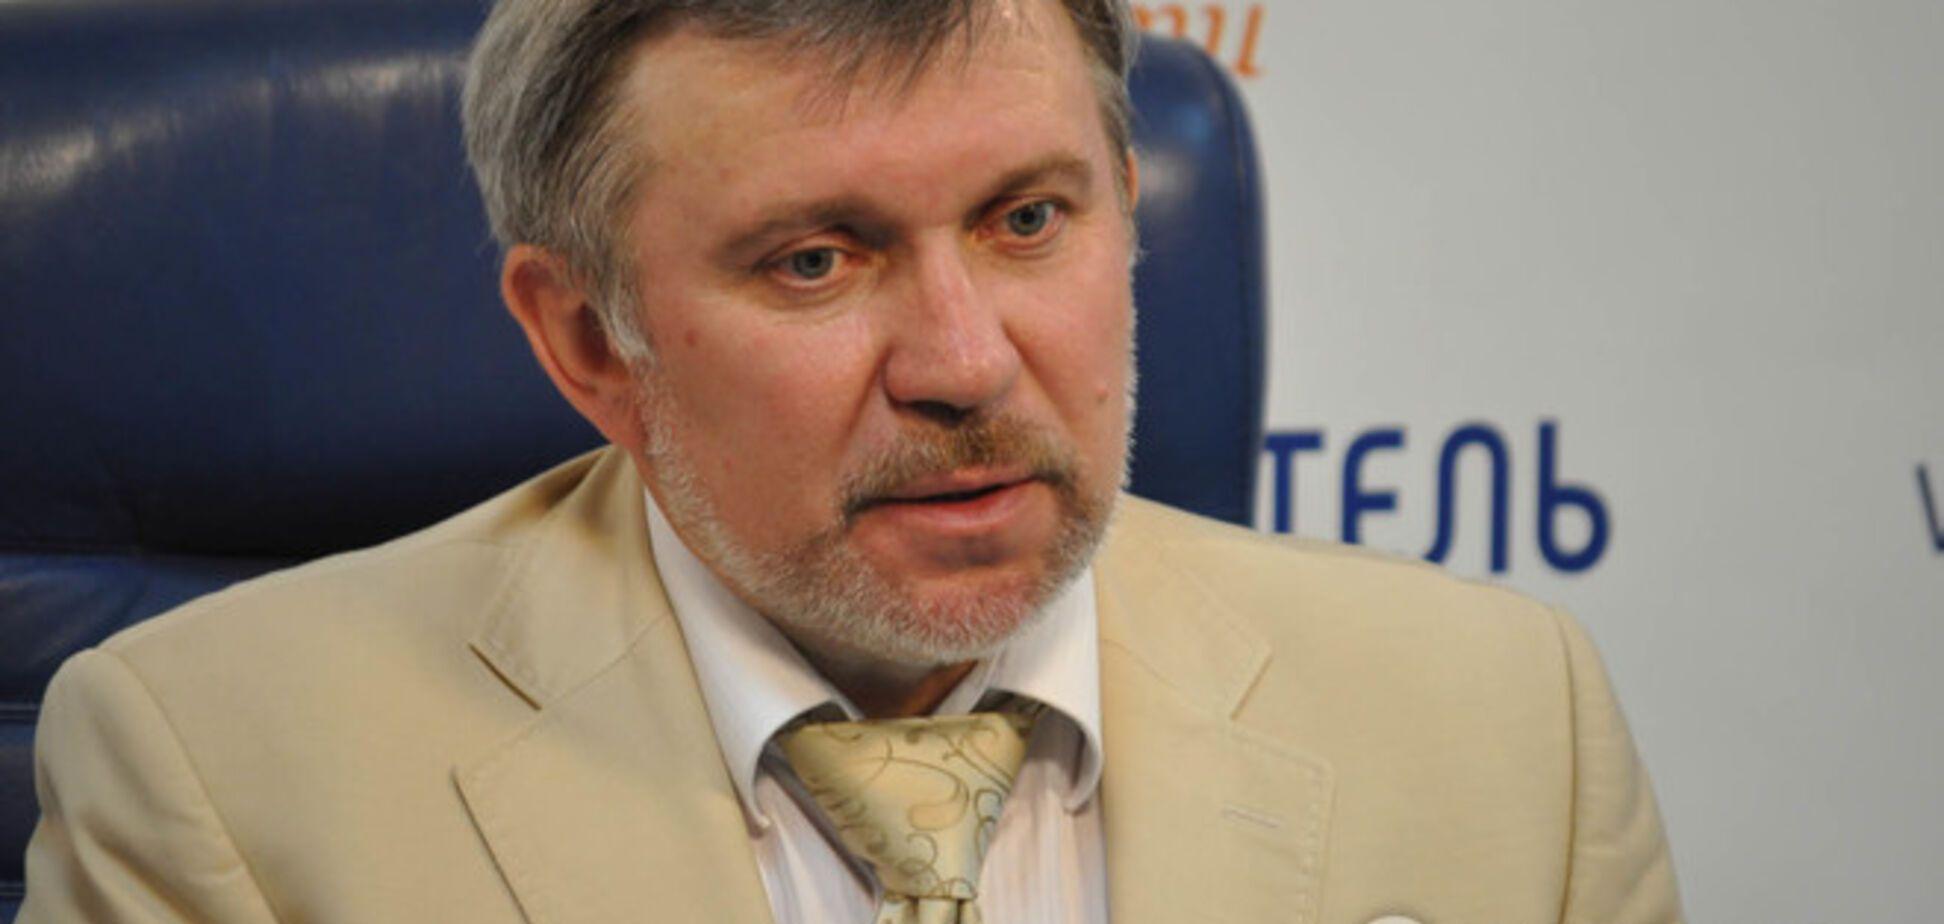 Гончар: Россия ведет против Украины 'гибридную' войну